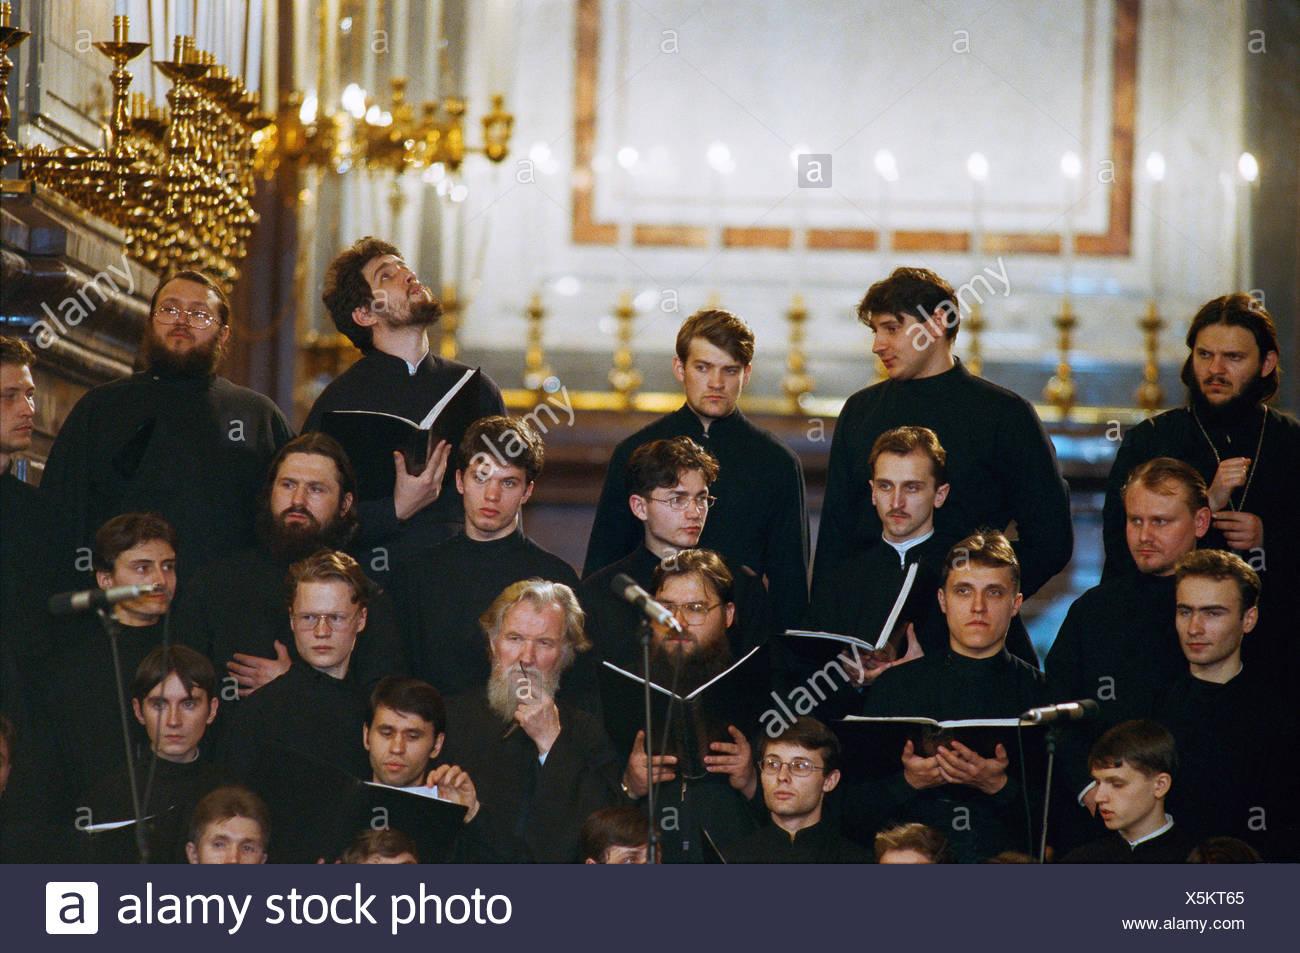 Russland, Moskau, Kirchenchor, Männer, singen, keine Modell-Freigabe-Pfarrkirche, Mönche, orthodoxen, glauben, Religion, Kirchenchor, Musik, musikalisch, Song, Kaseln, innen Stockbild